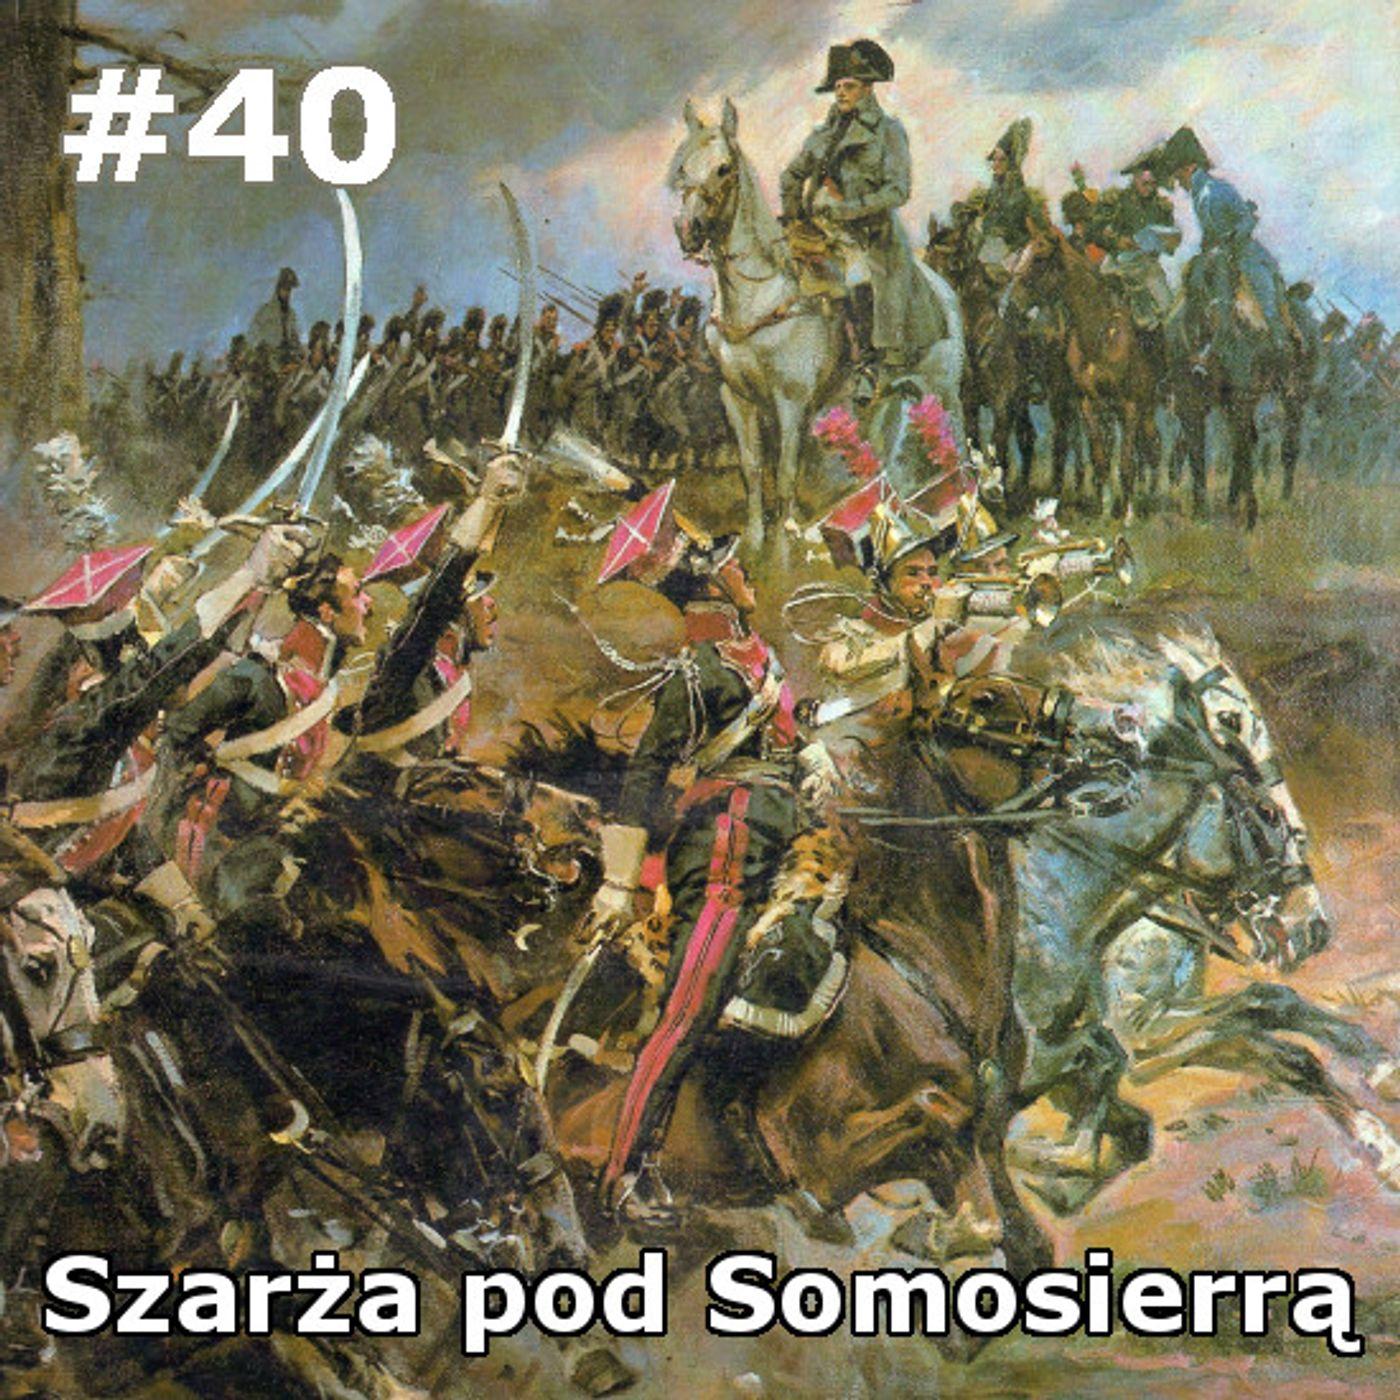 40 - Szarża pod Somosierrą